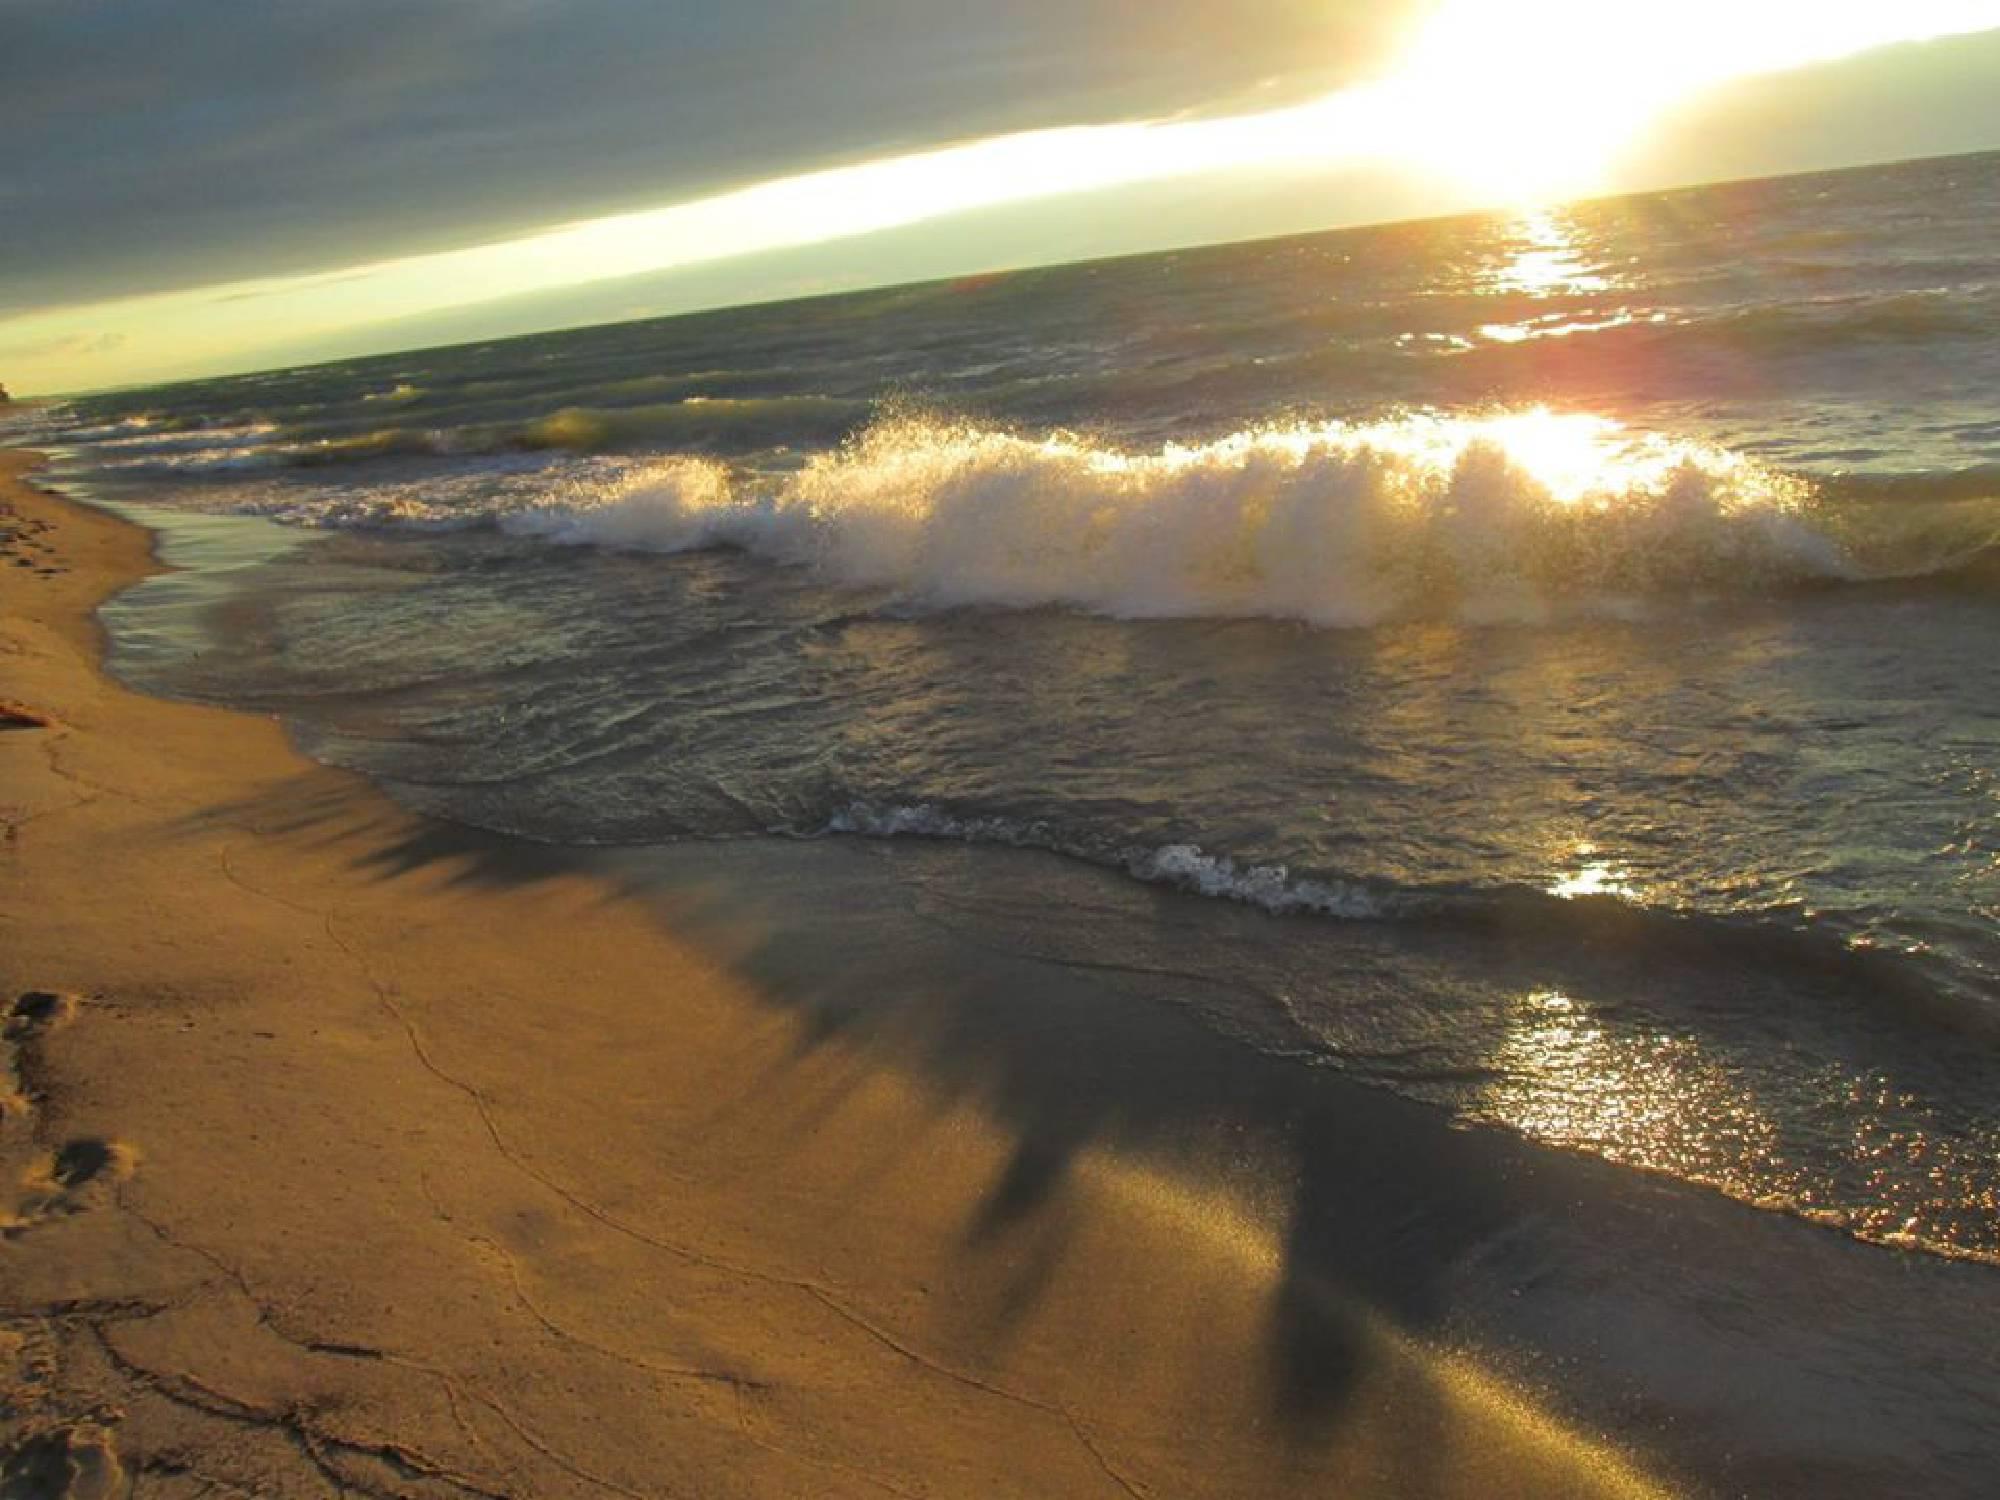 beach-2000x1500-47.jpg